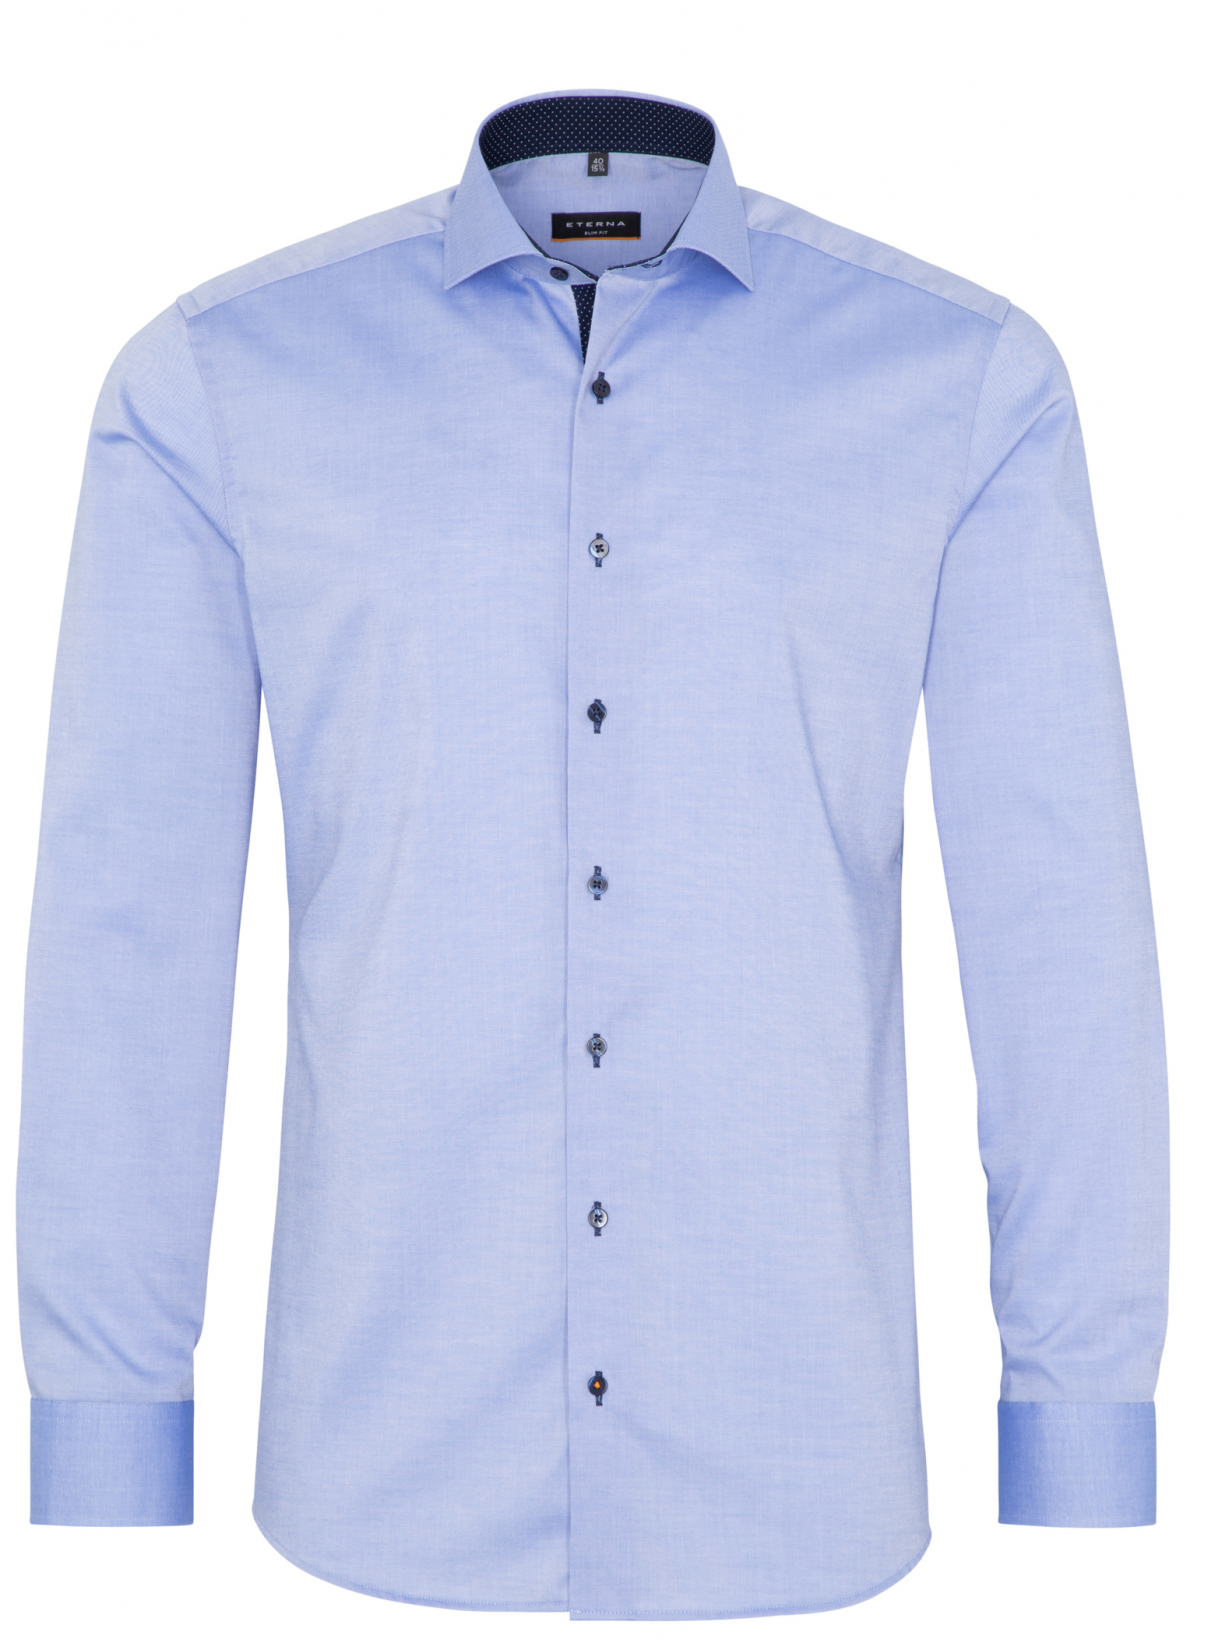 destockage-chemises-manches-longues-Ted-Lapidus